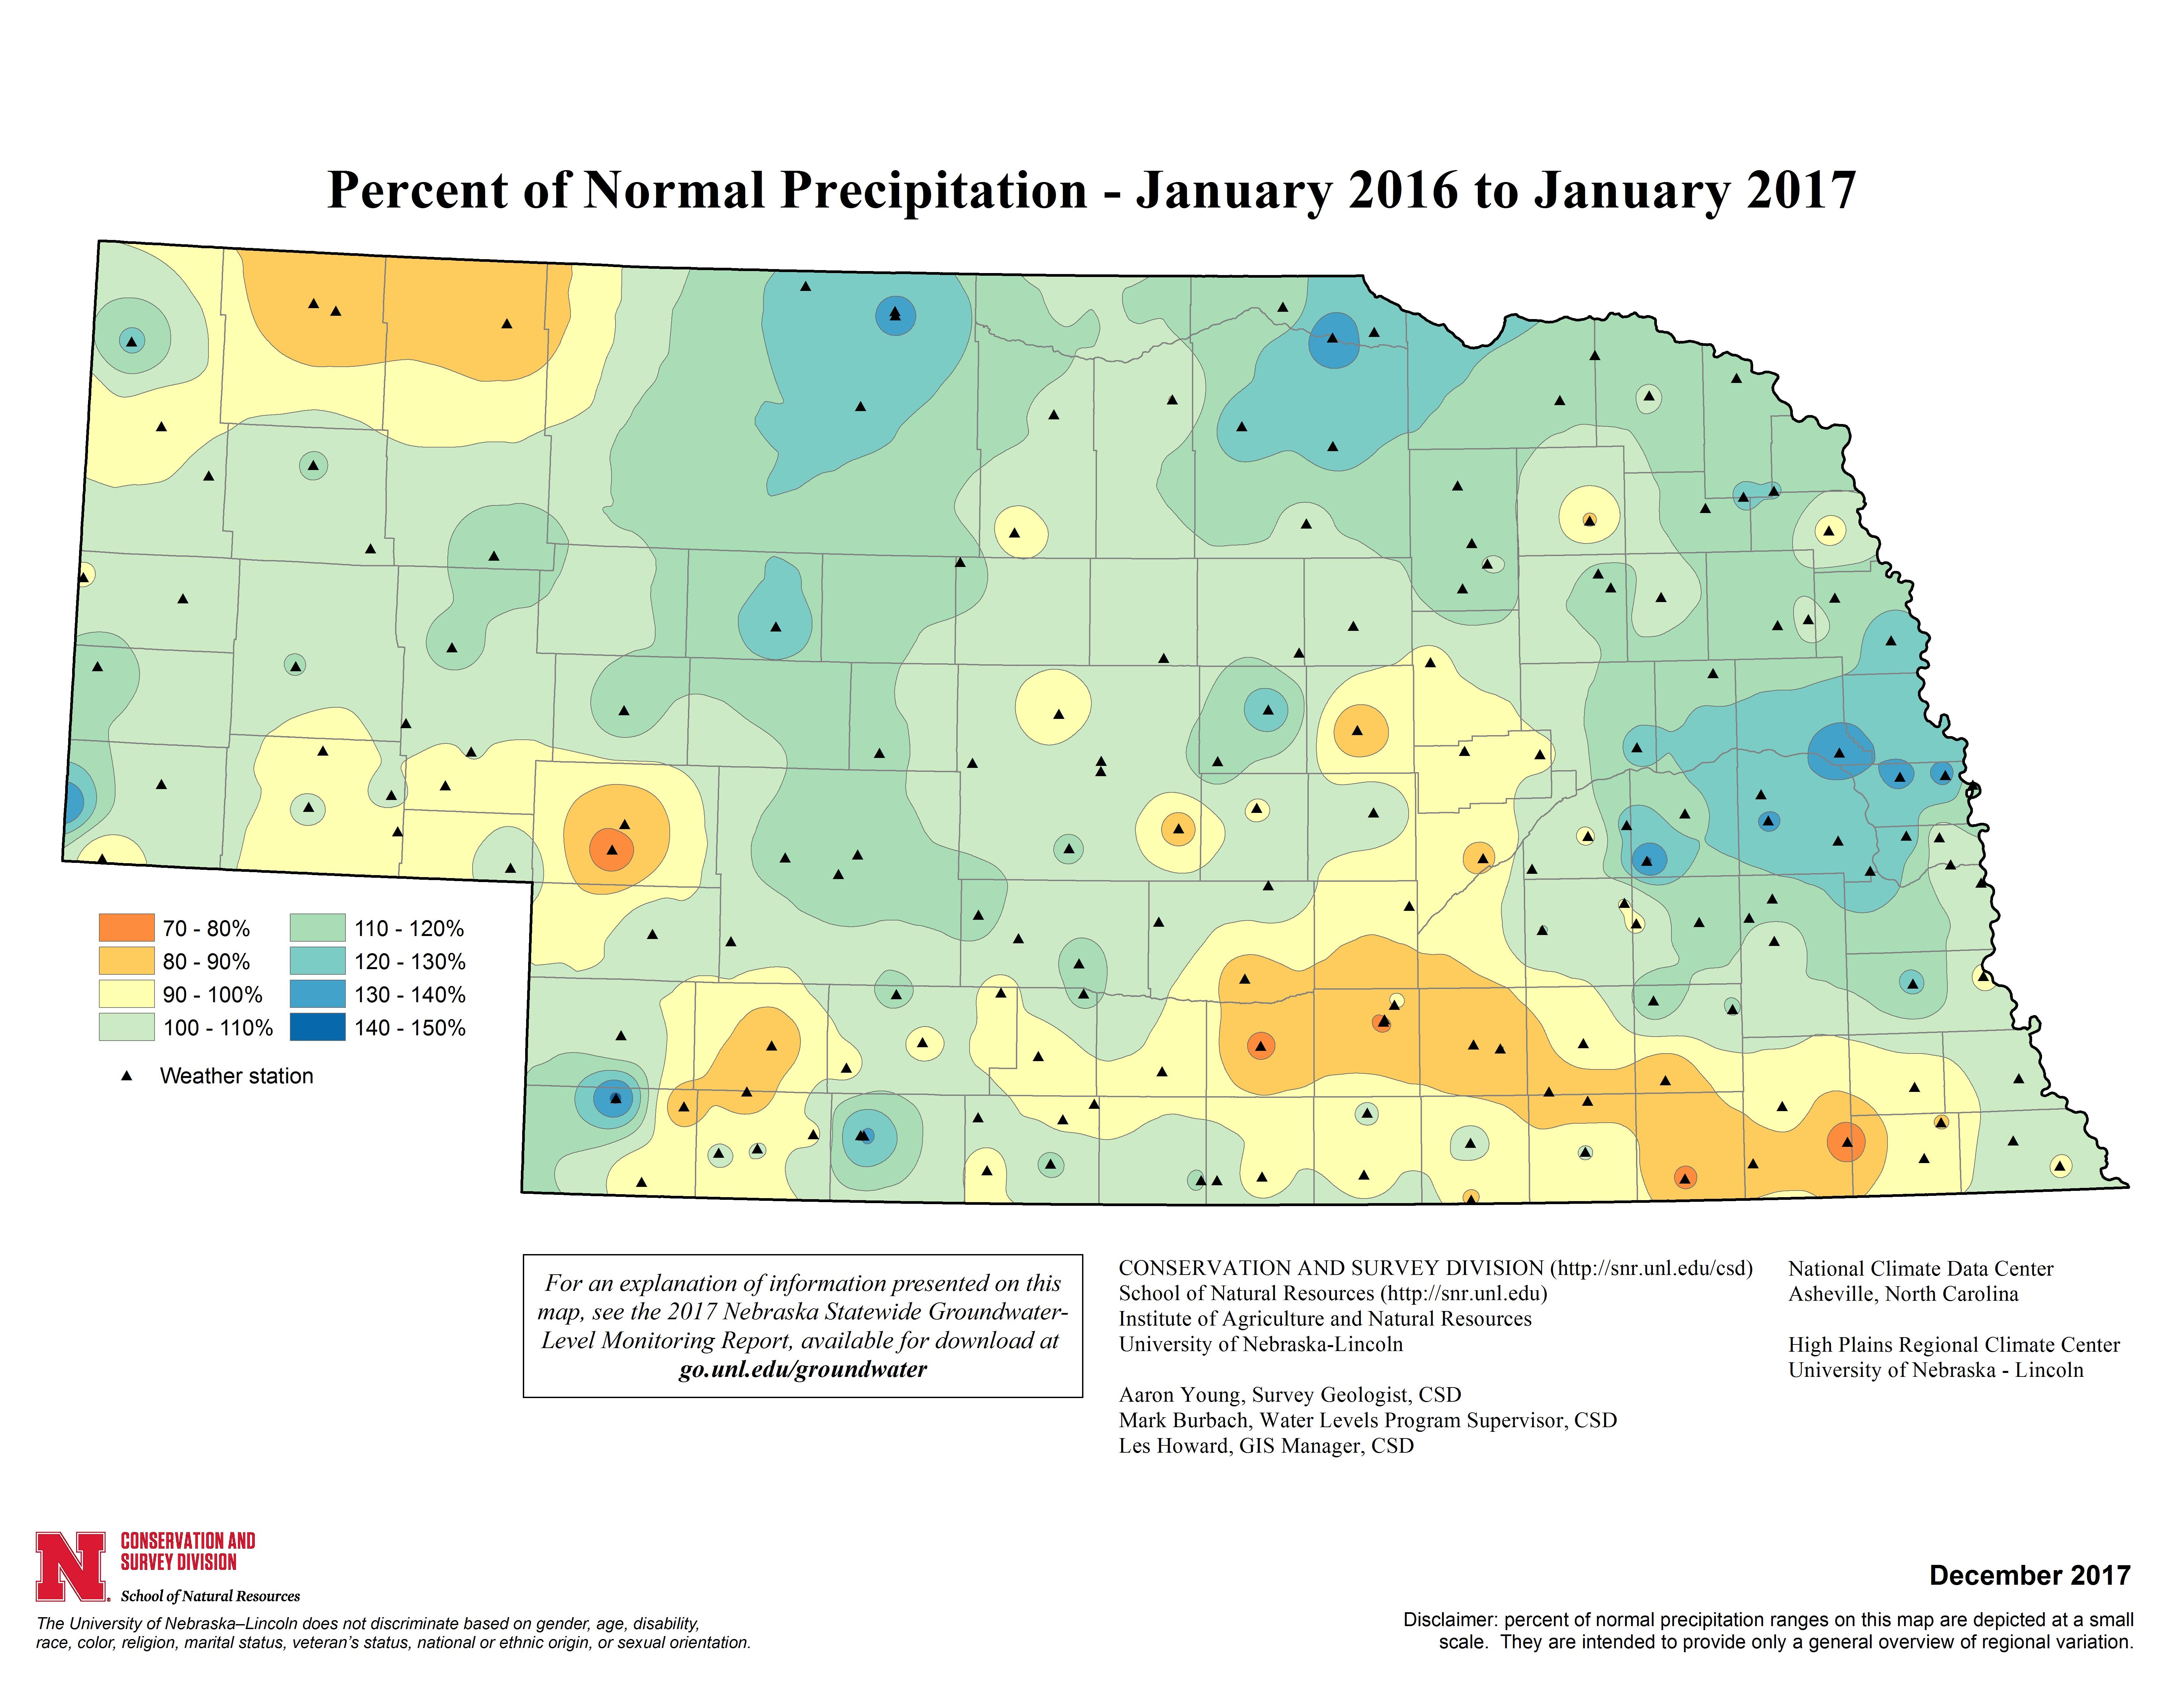 Percent of Normal Precipitation, January 2016 - January 2017